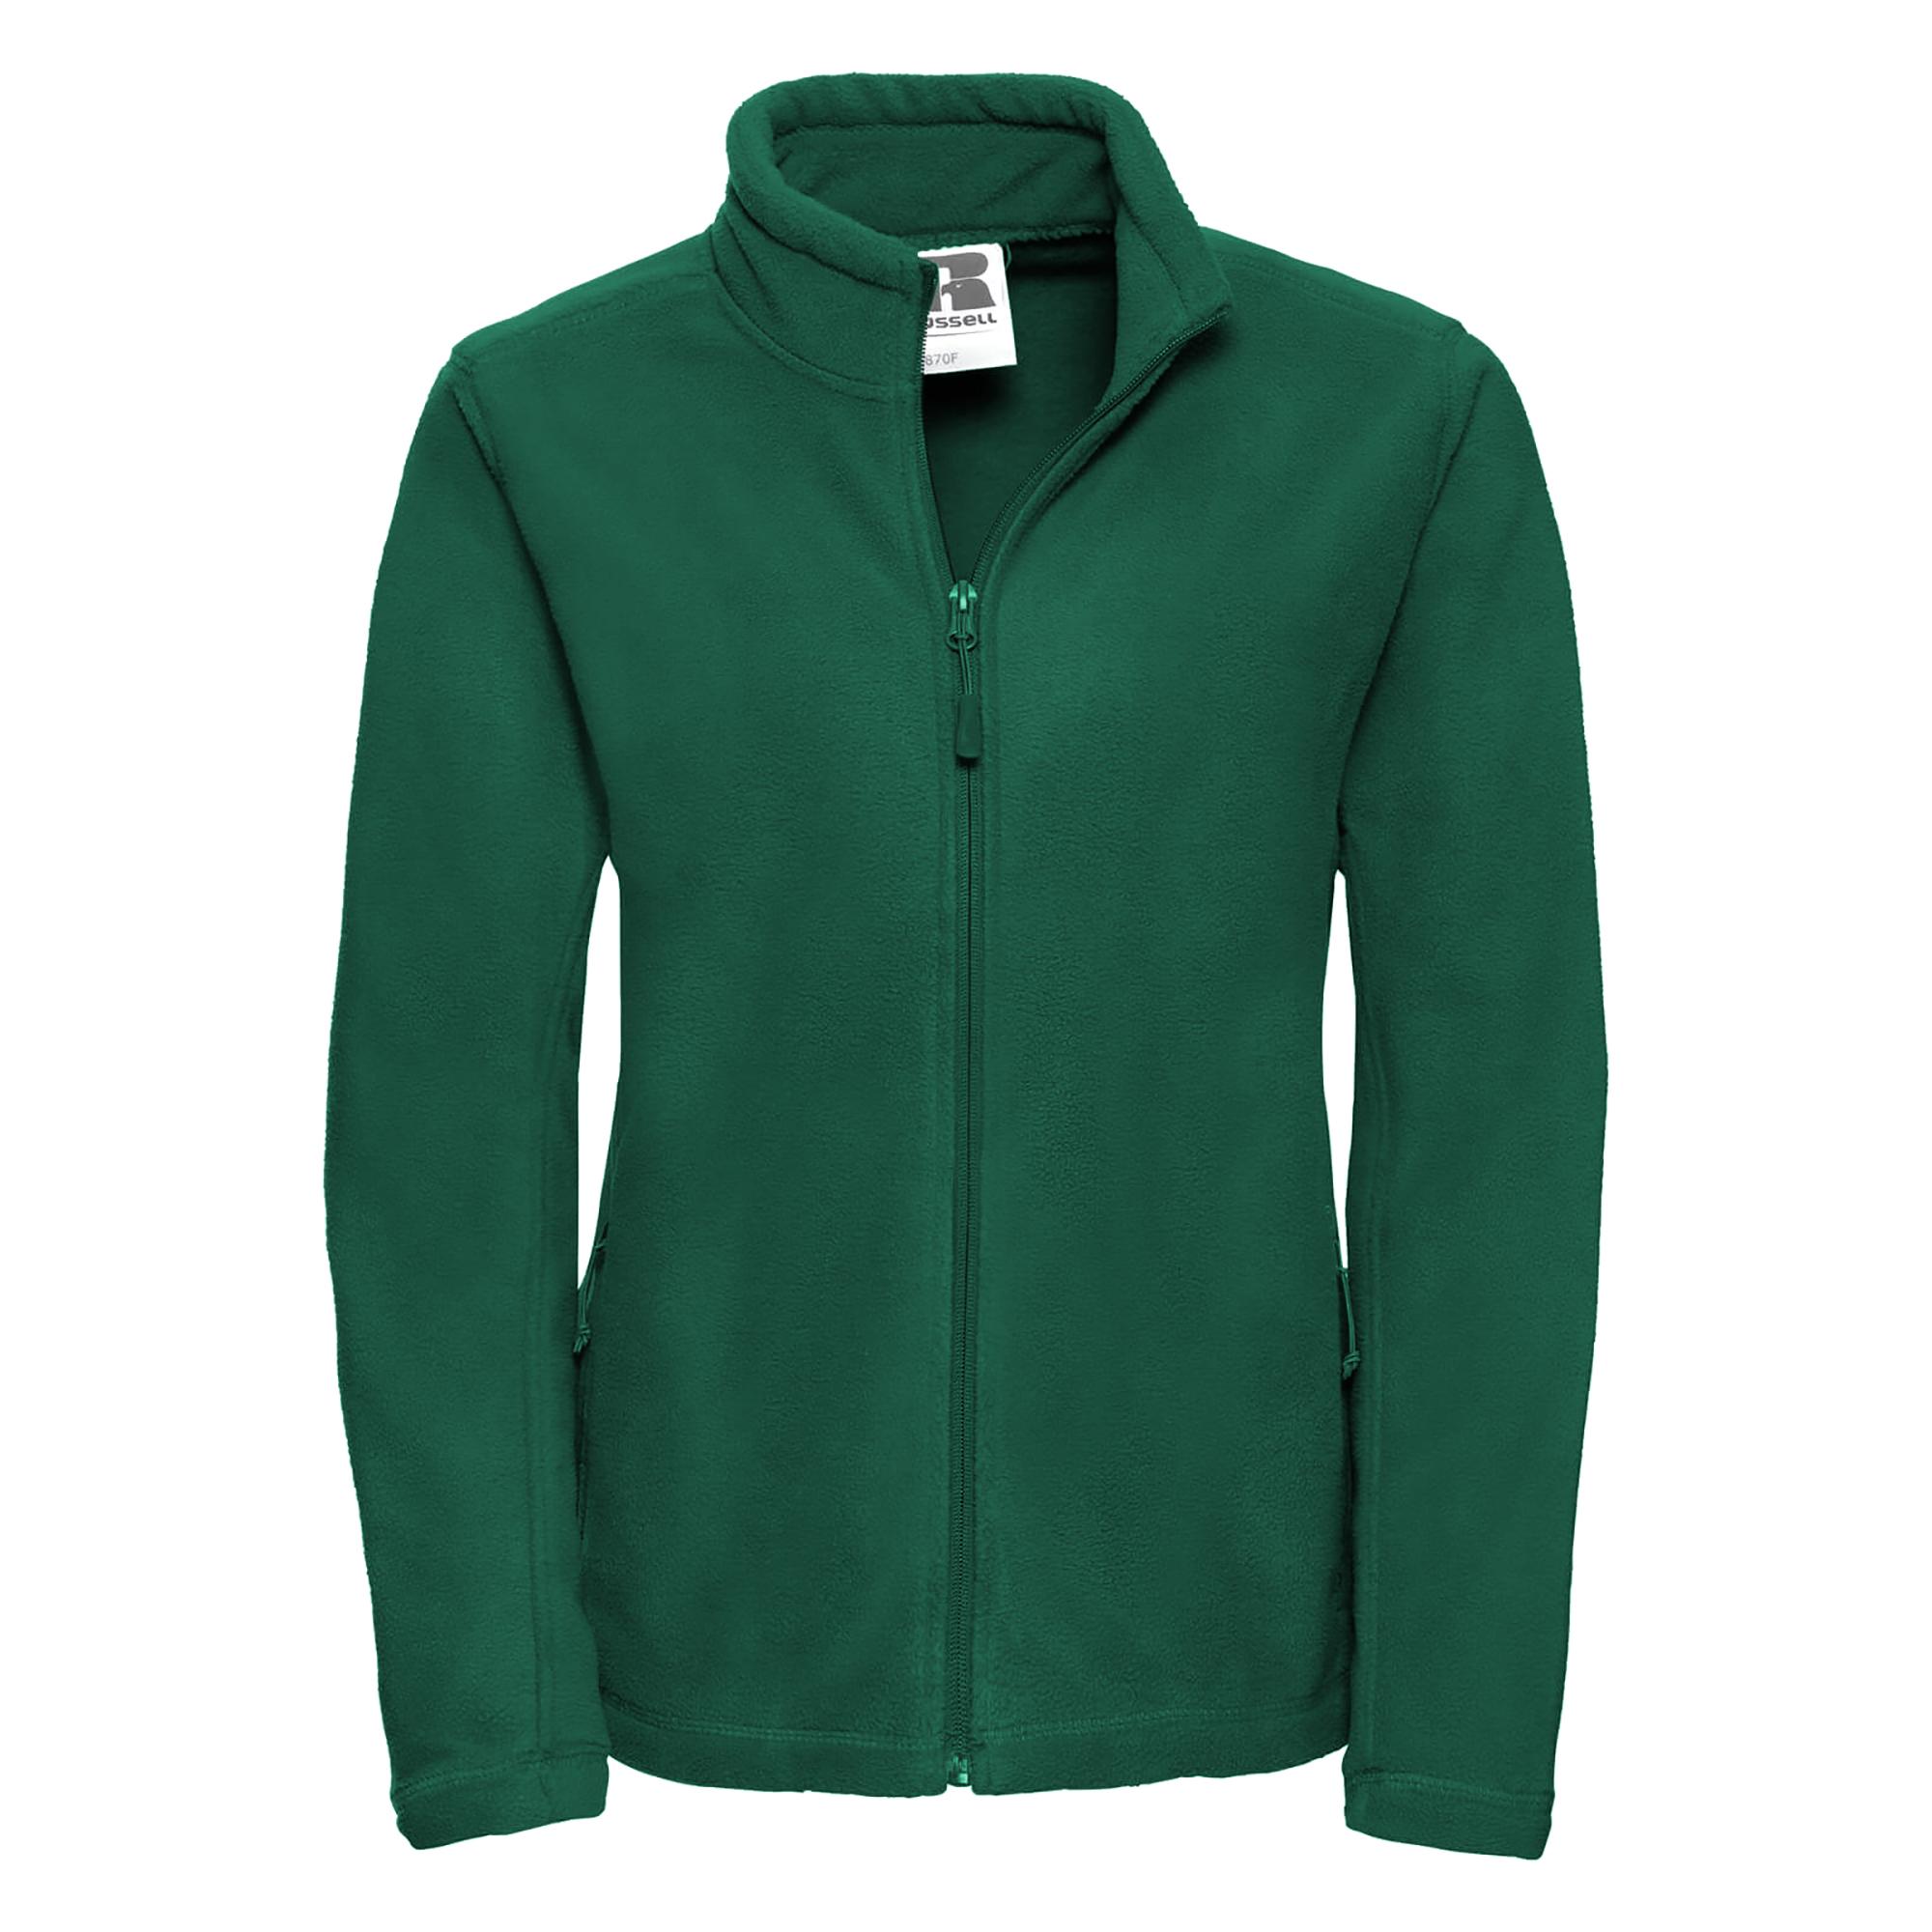 Russell Colours Ladies Full Zip Outdoor Fleece Jacket (M) (Bottle Green)